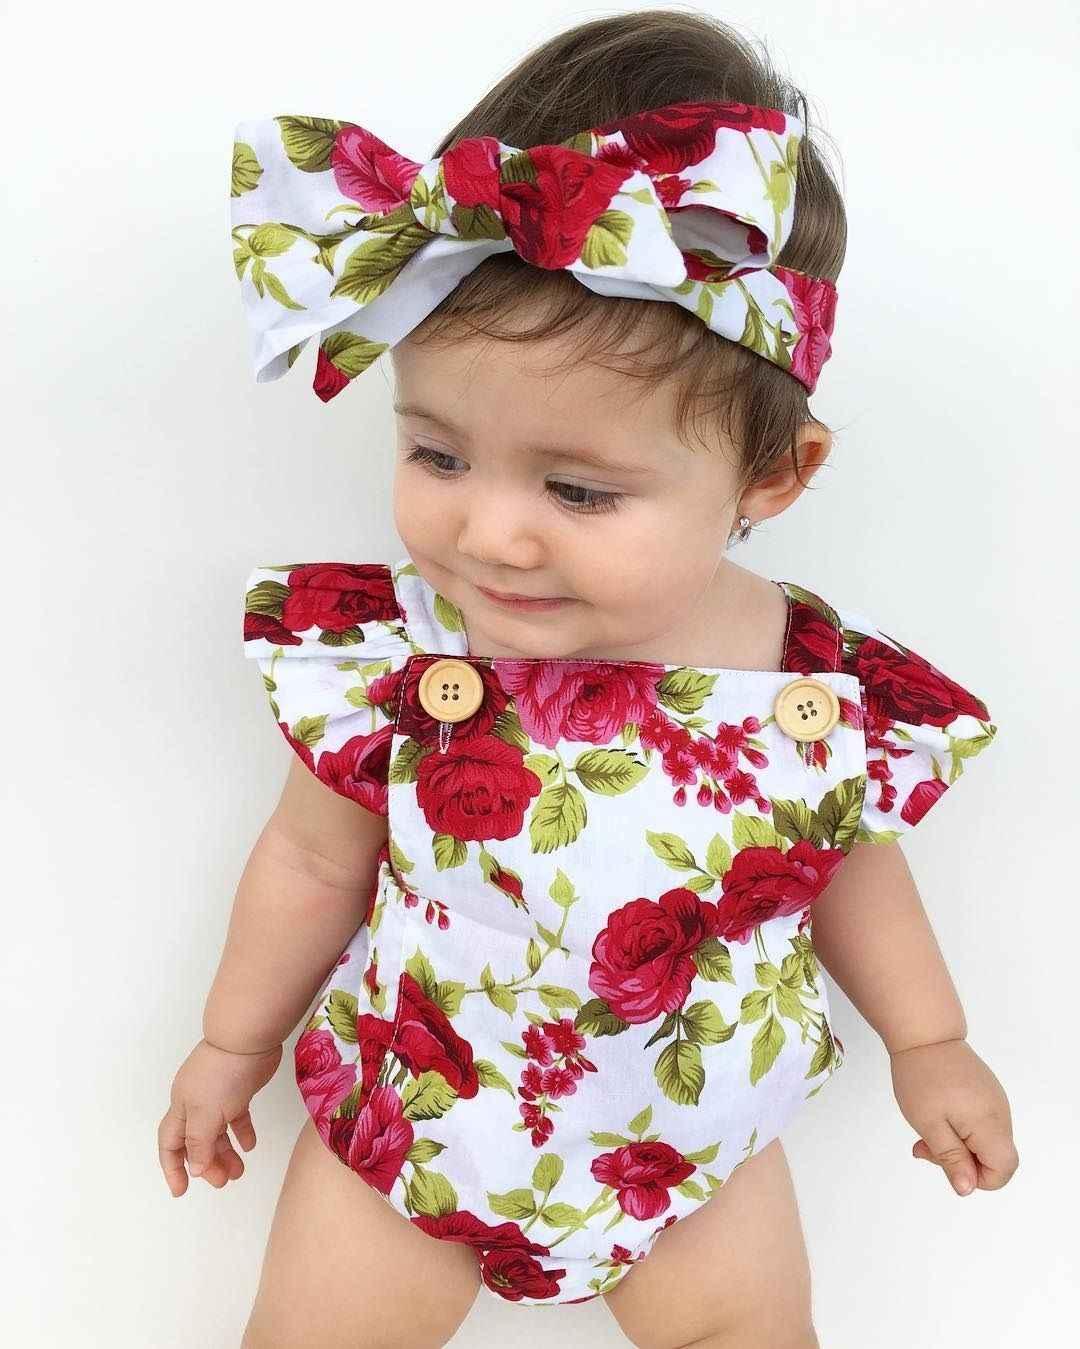 2018 nette Floral Body 2 stücke Baby Mädchen Kleidung Overall Romper + Stirnband 0-24M Alter Ifant Kleinkind neugeborenen Outfits Set Heißer Verkauf